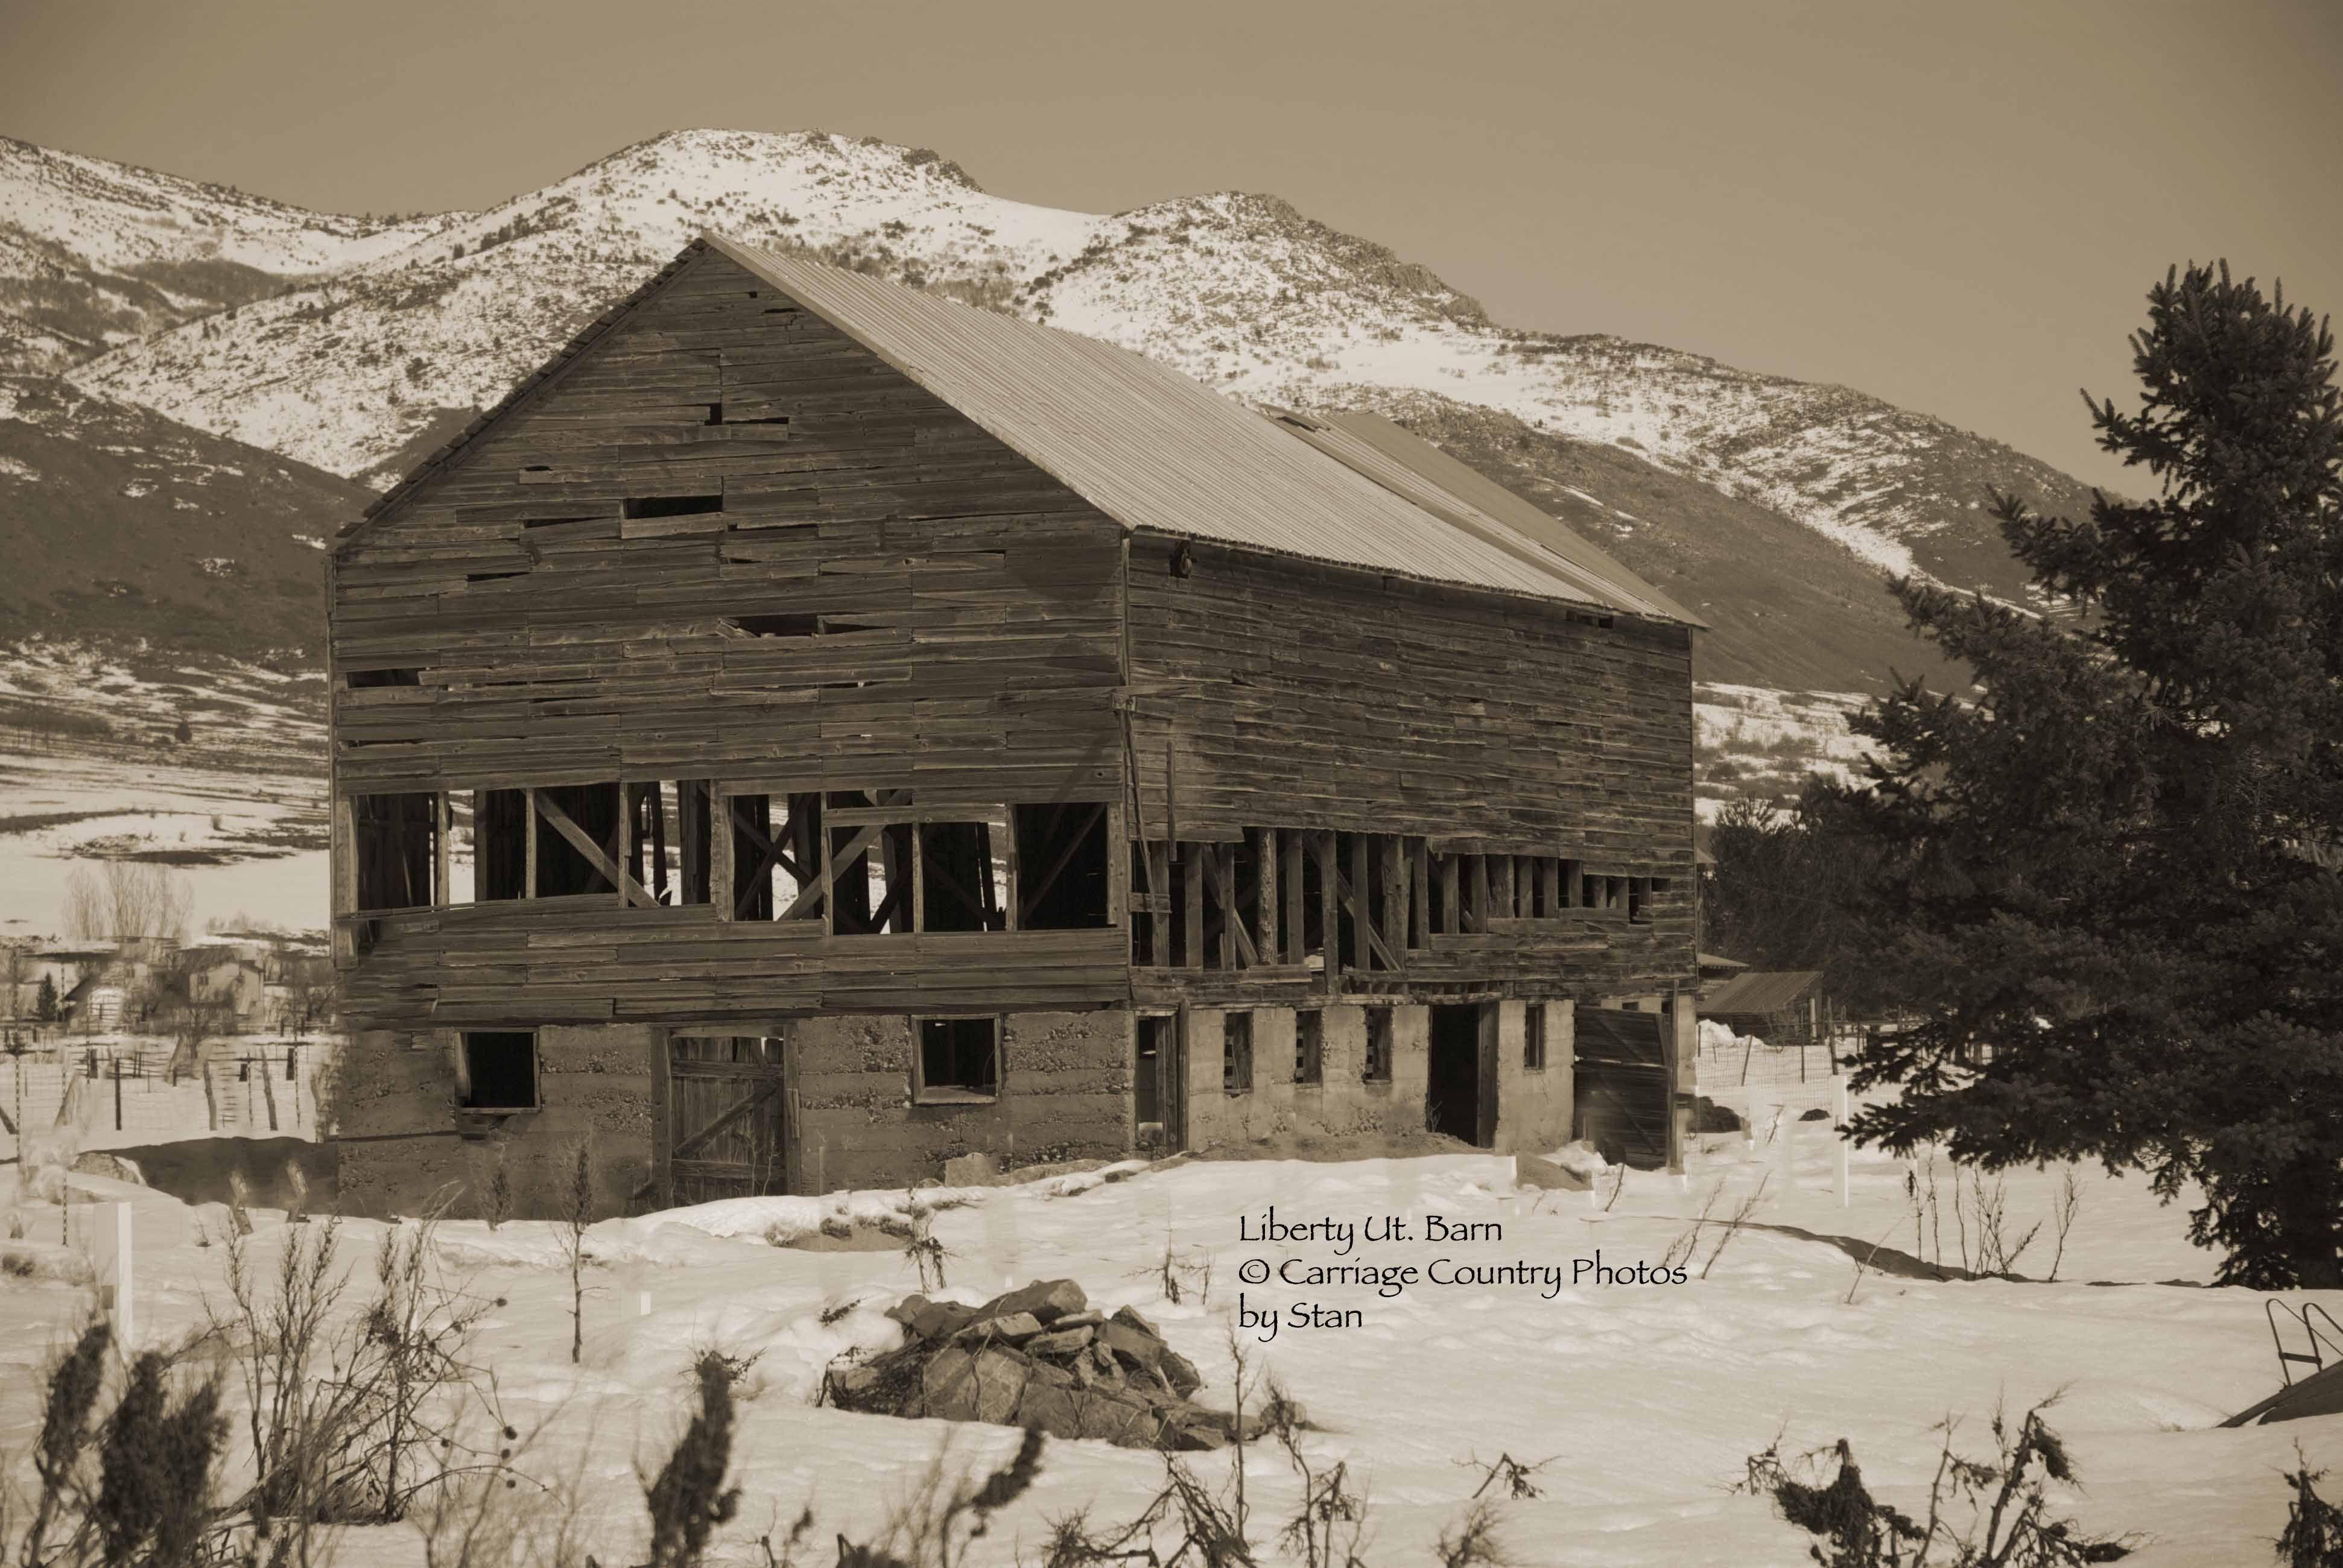 Liberty ut barn old barns abandoned houses barn